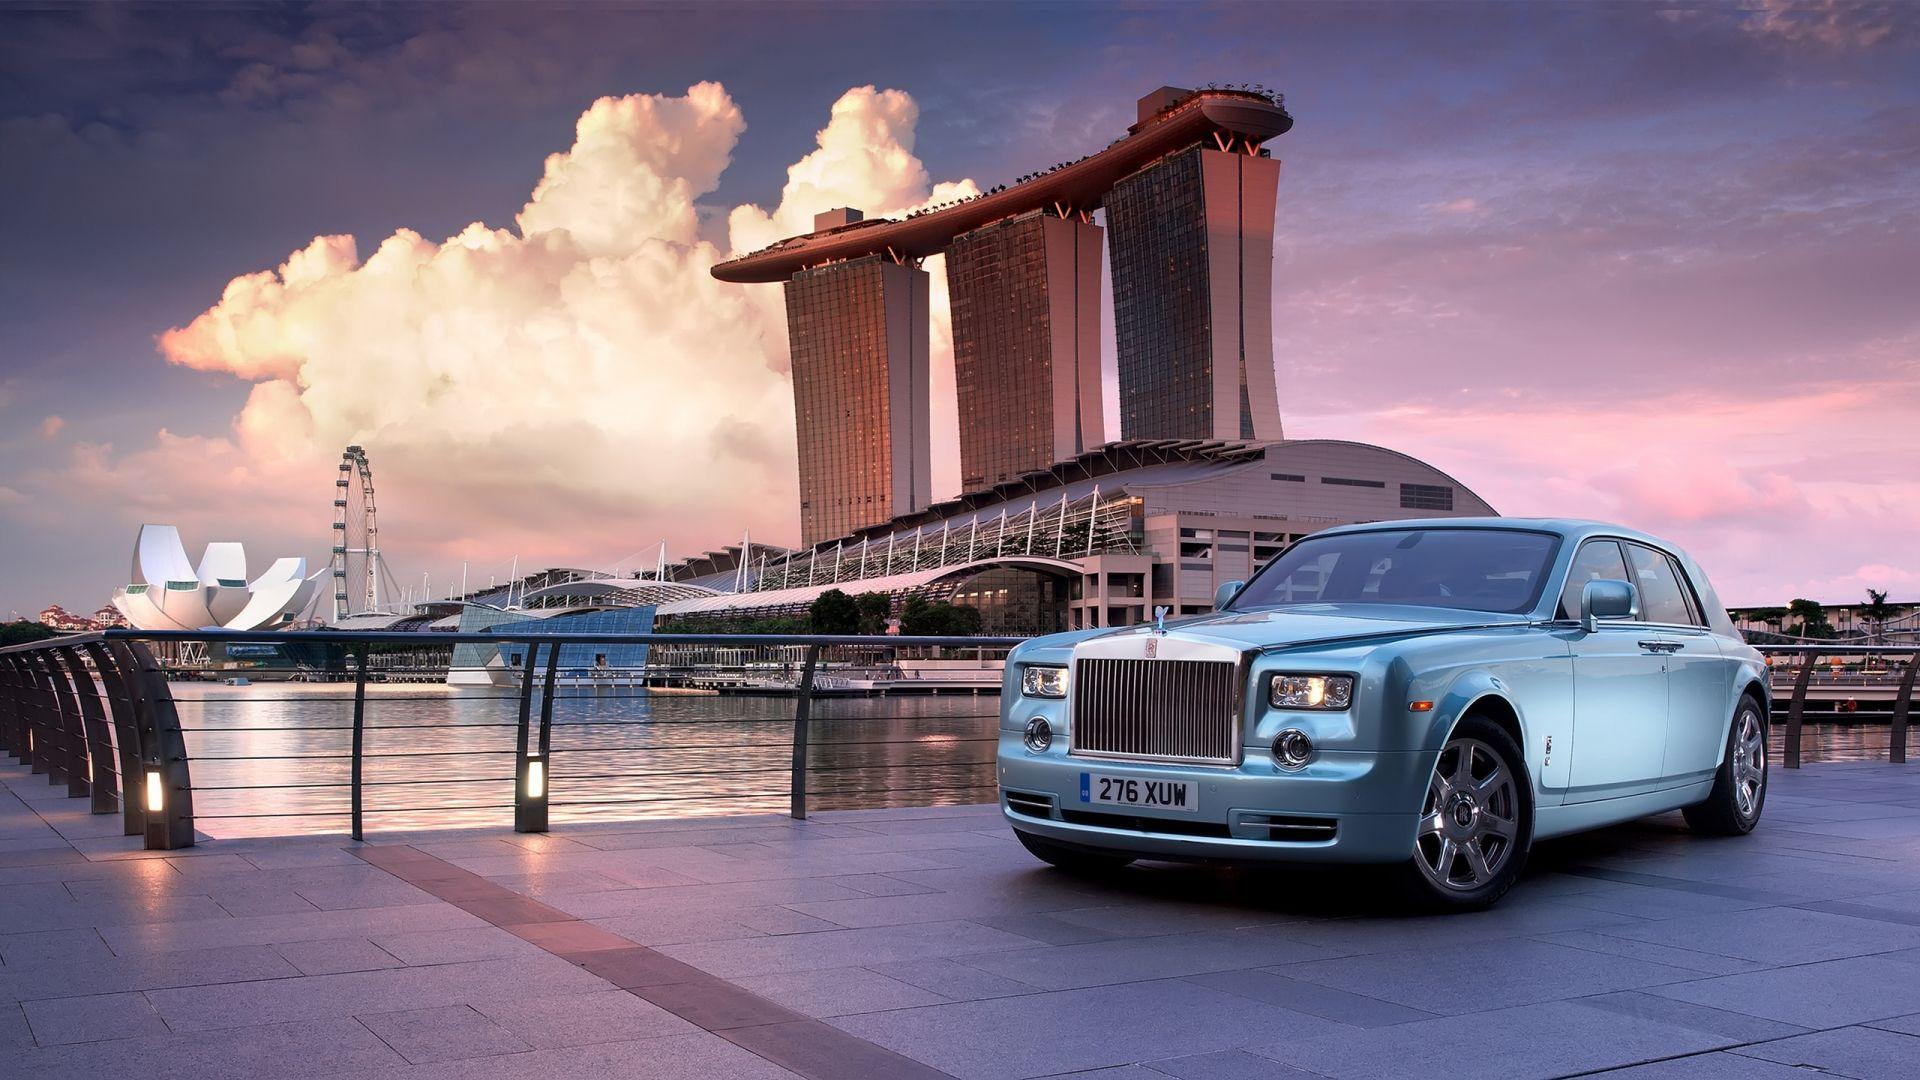 Rolls Royce Hd Car Of Luxury Rolls Royce Rolls Royce Phantom Rolls Royce Wallpaper